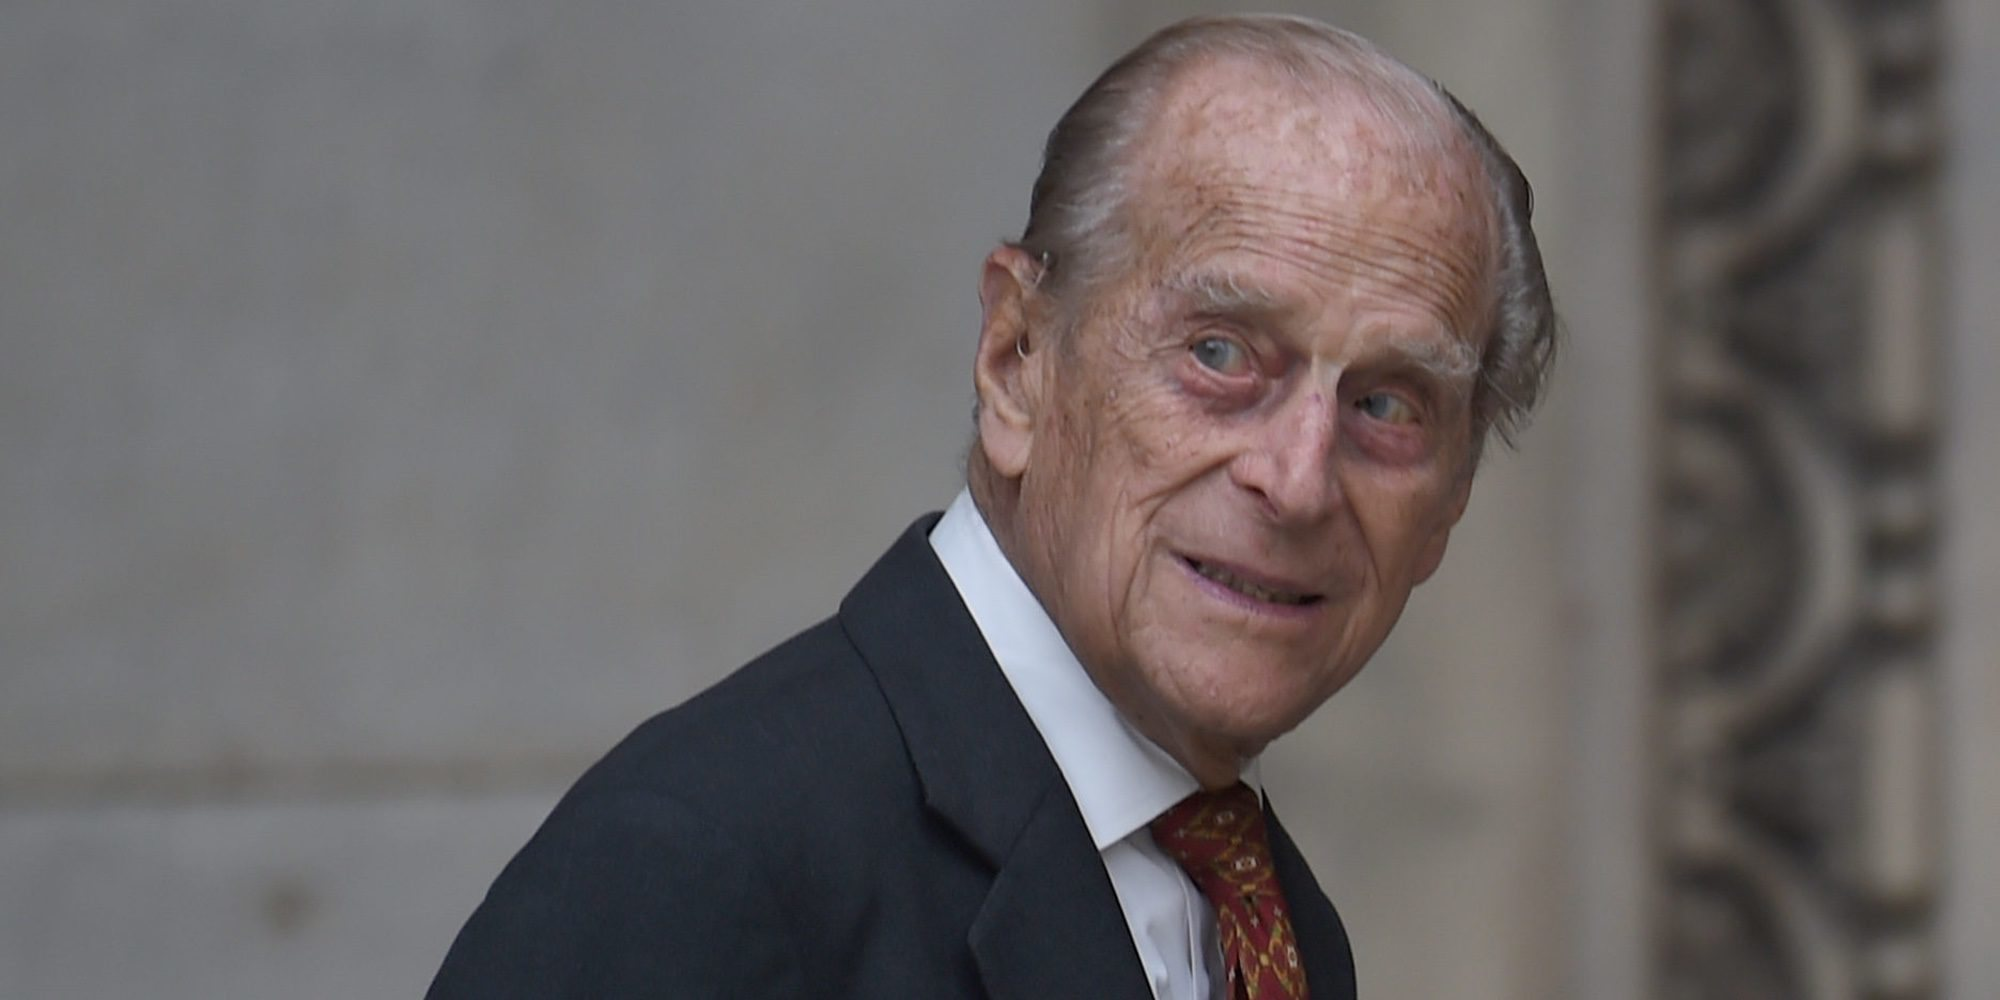 El Duque de Edimburgo, trasladado a otro hospital para ser tratado de una infección y un problema cardíaco preexistente